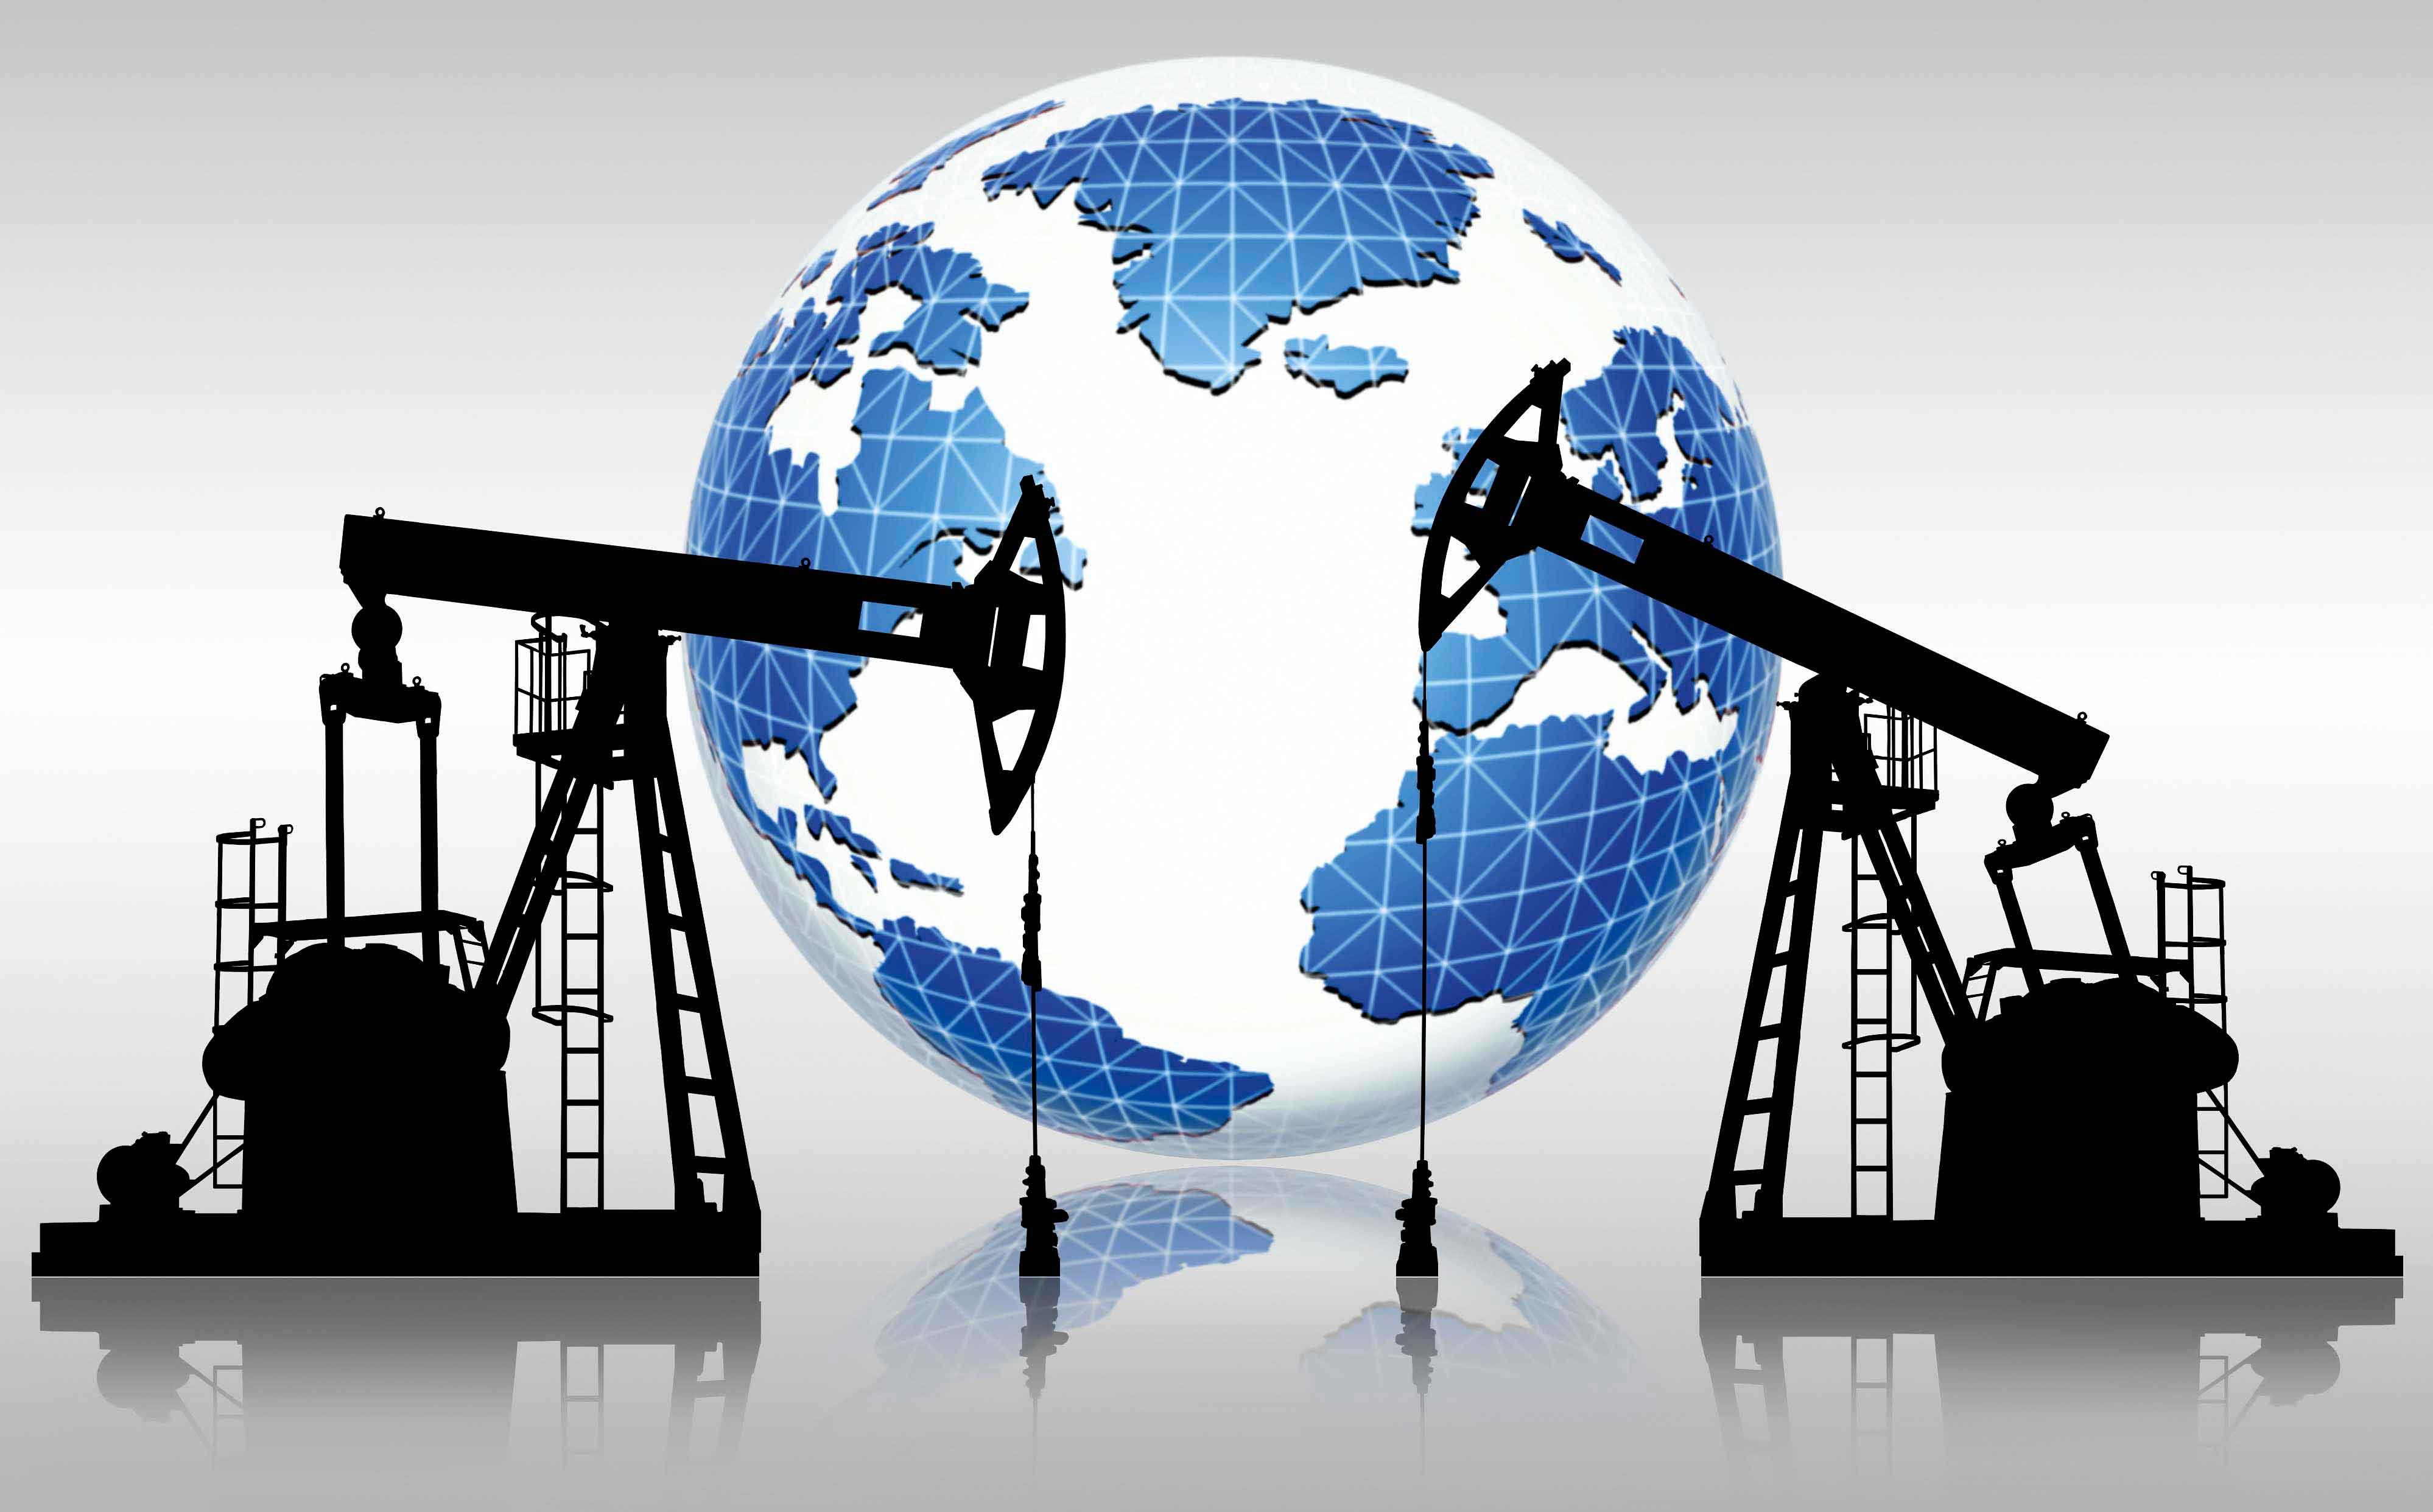 انتعاش النفط الصخري يحد من ارتفاع اسعار التقليدي الى نهاية العام الحالي